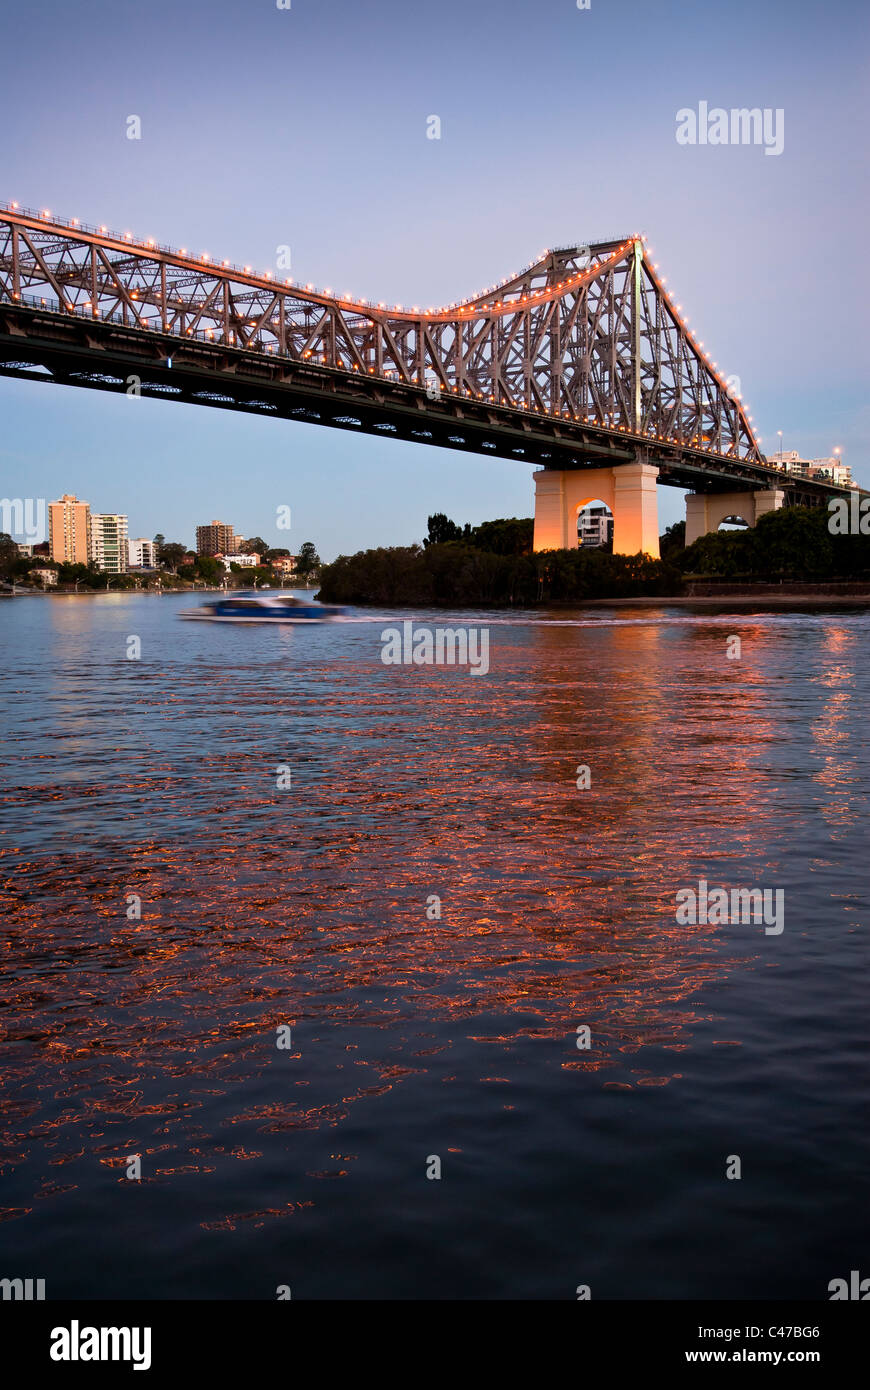 Brisbane Story Bridge at Dusk Photo Stock